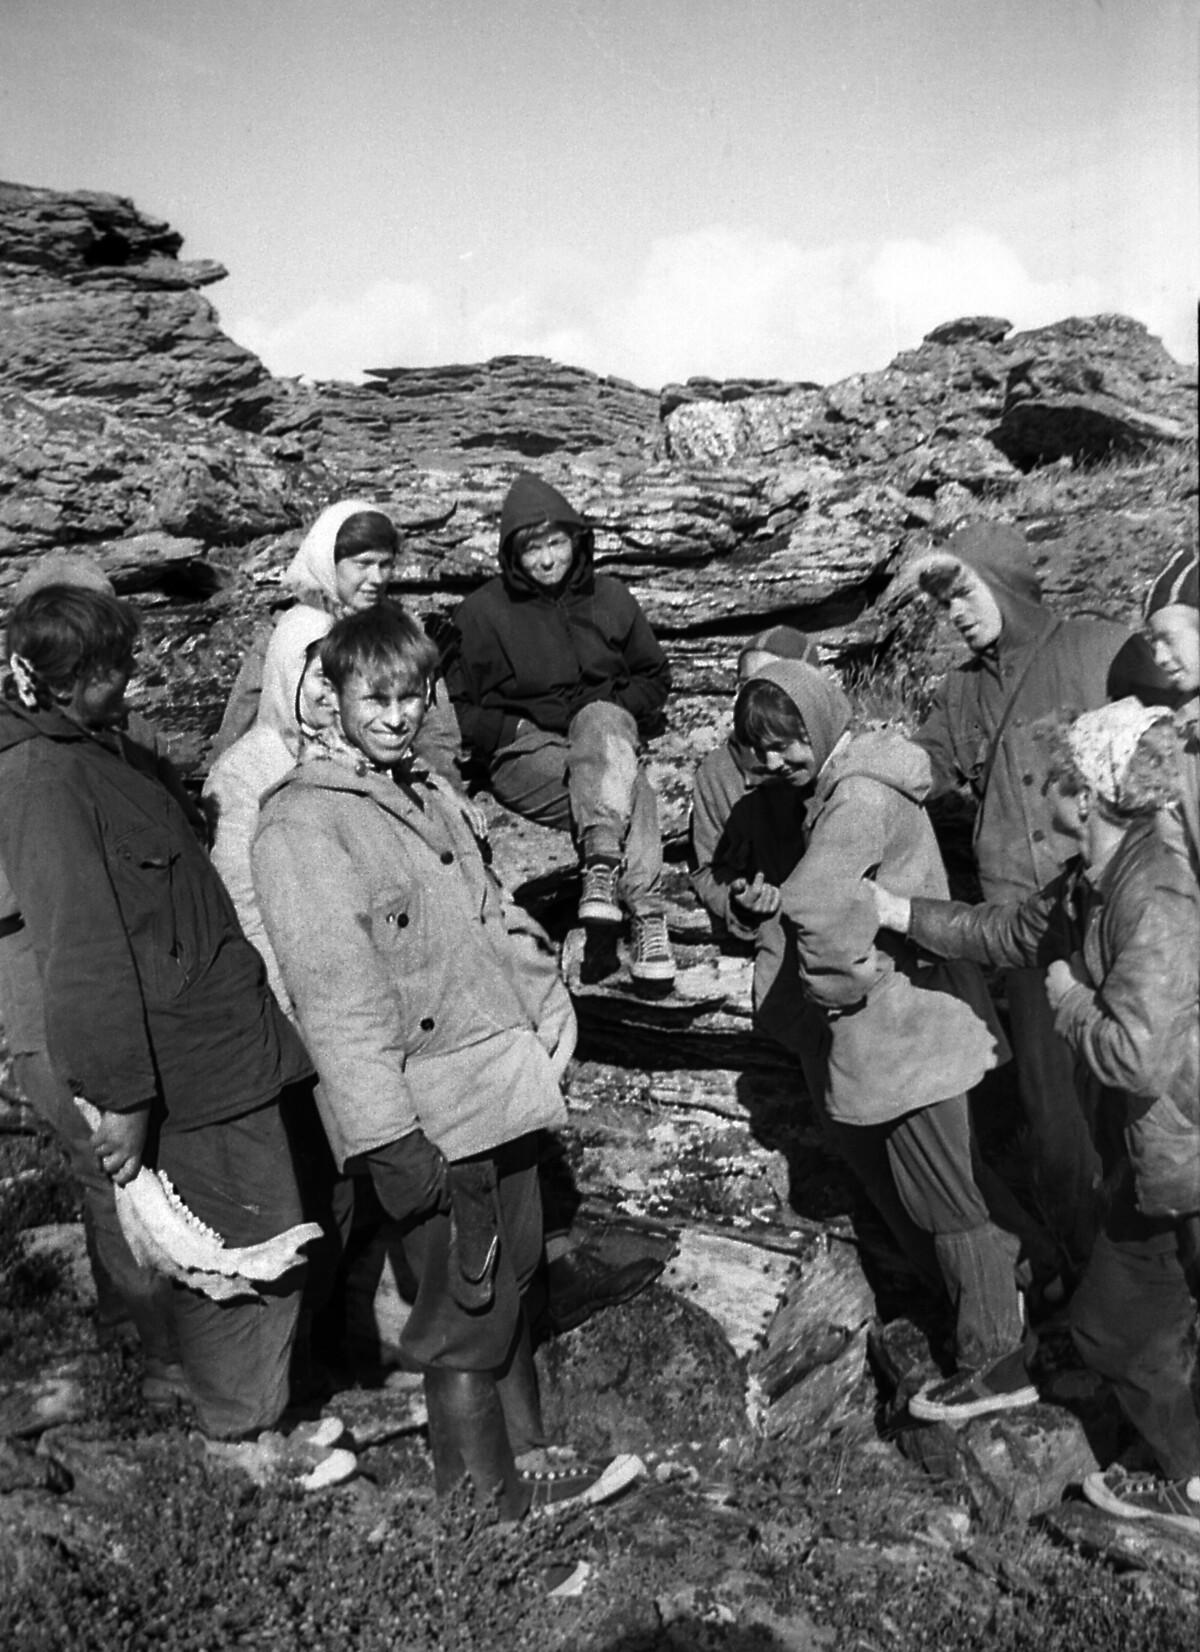 https://dyatlovpass.com/resources/340/gallery/Dyatlov-Pass-Yakimenko-1963-84.jpg